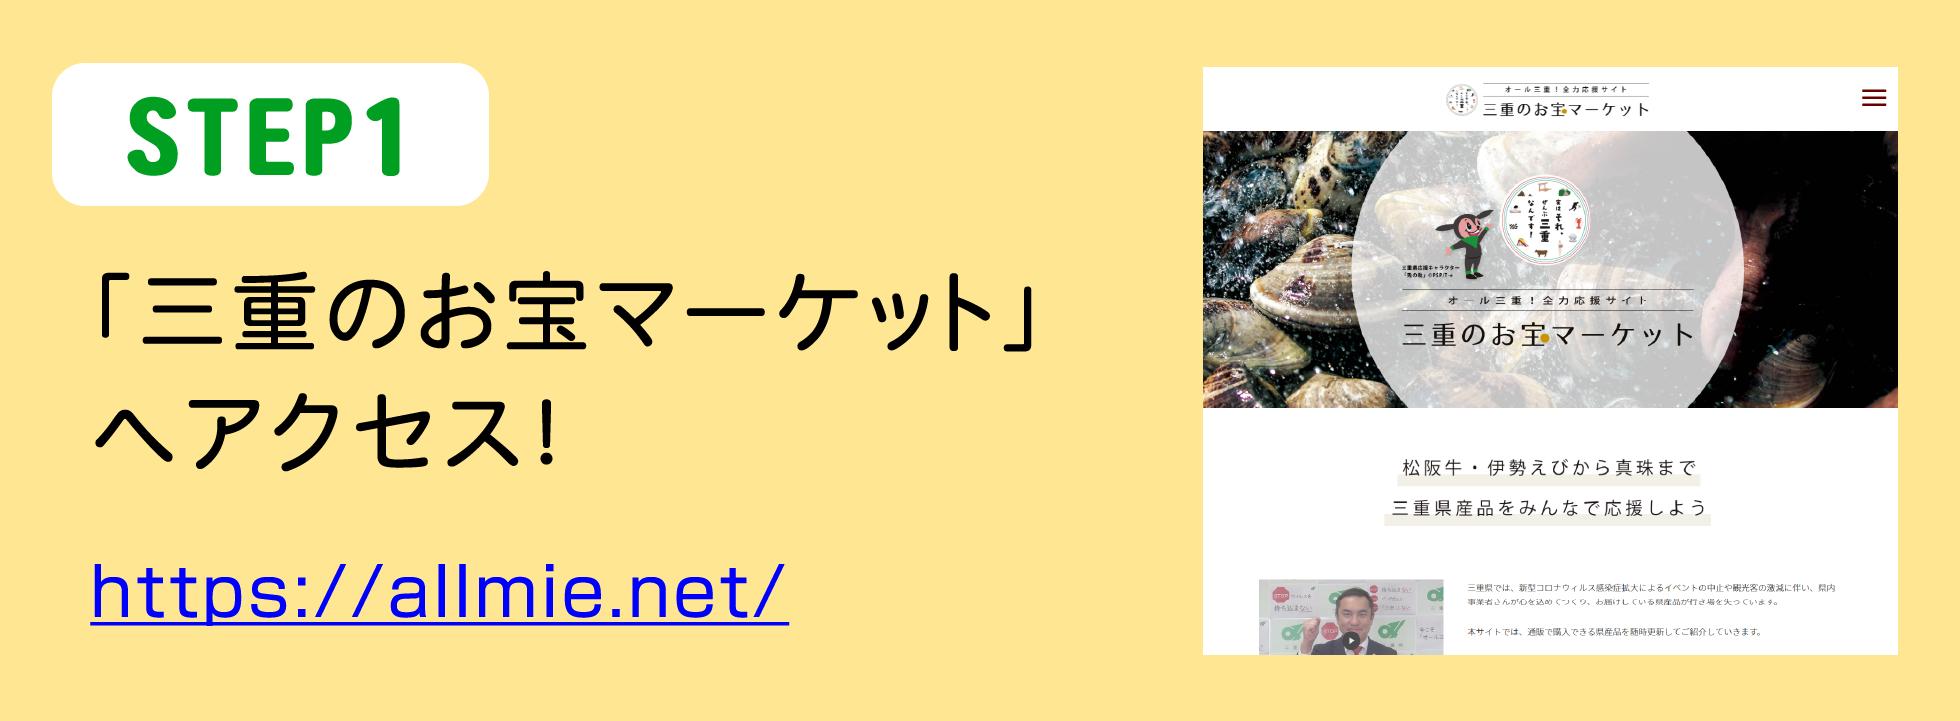 STEP 1 「三重のお宝マーケット」へアクセス! https://allmie.net